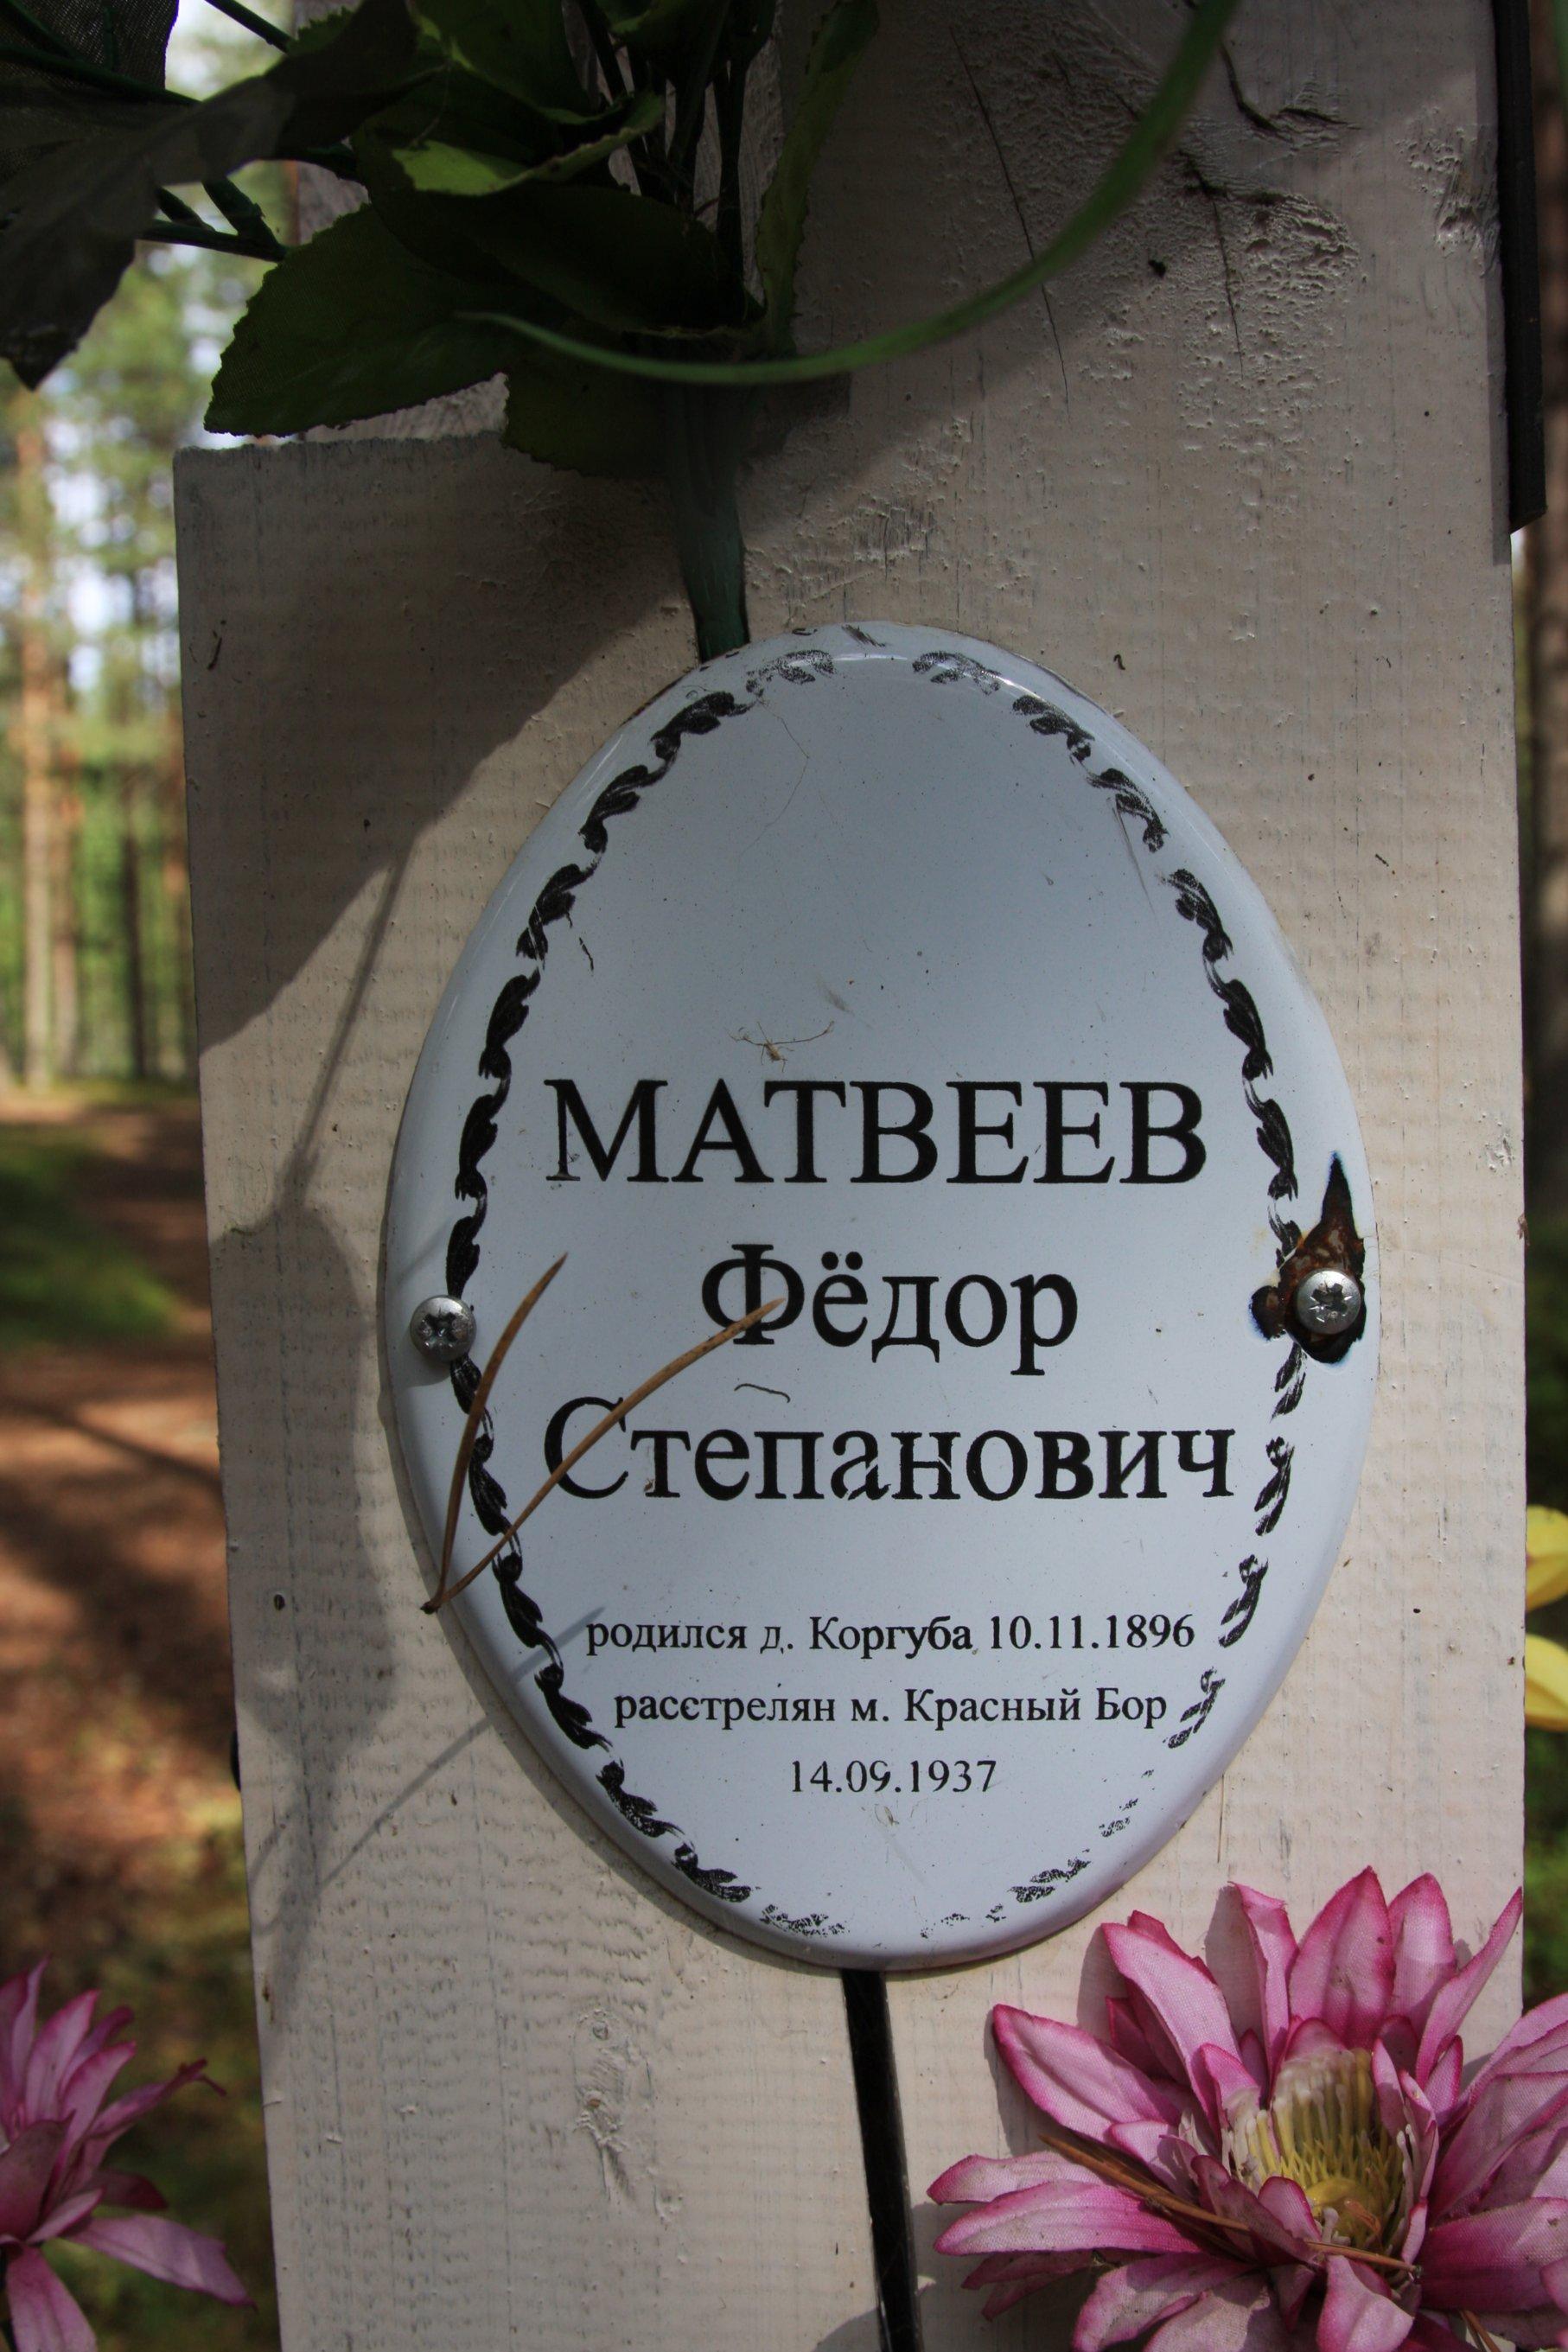 Памятная табличка «Матвеев Фёдор Степанович». Фото 04.08.2018.